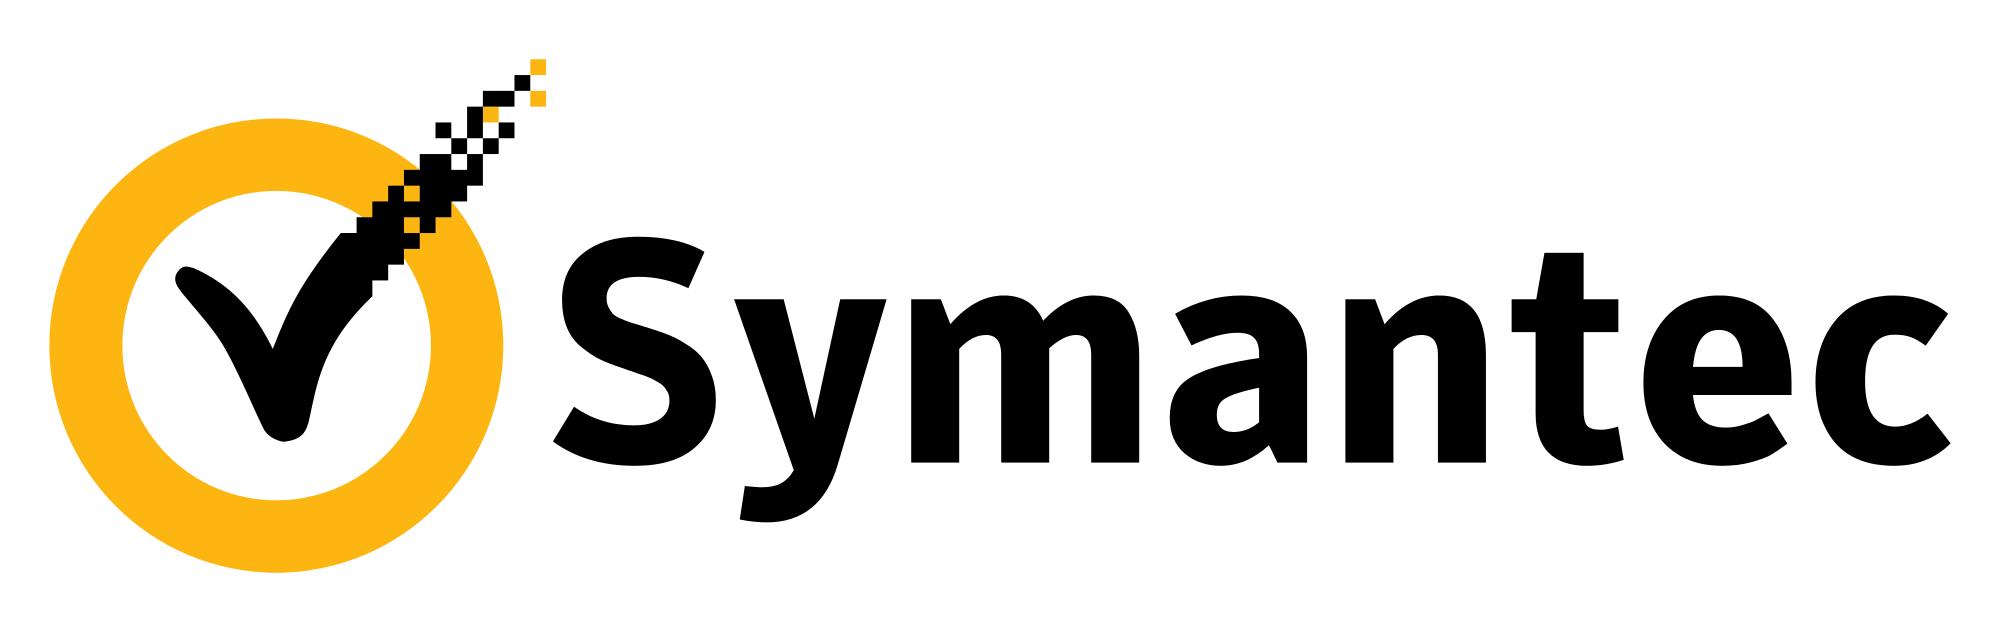 11-SayerNarmAfzarha-1-new